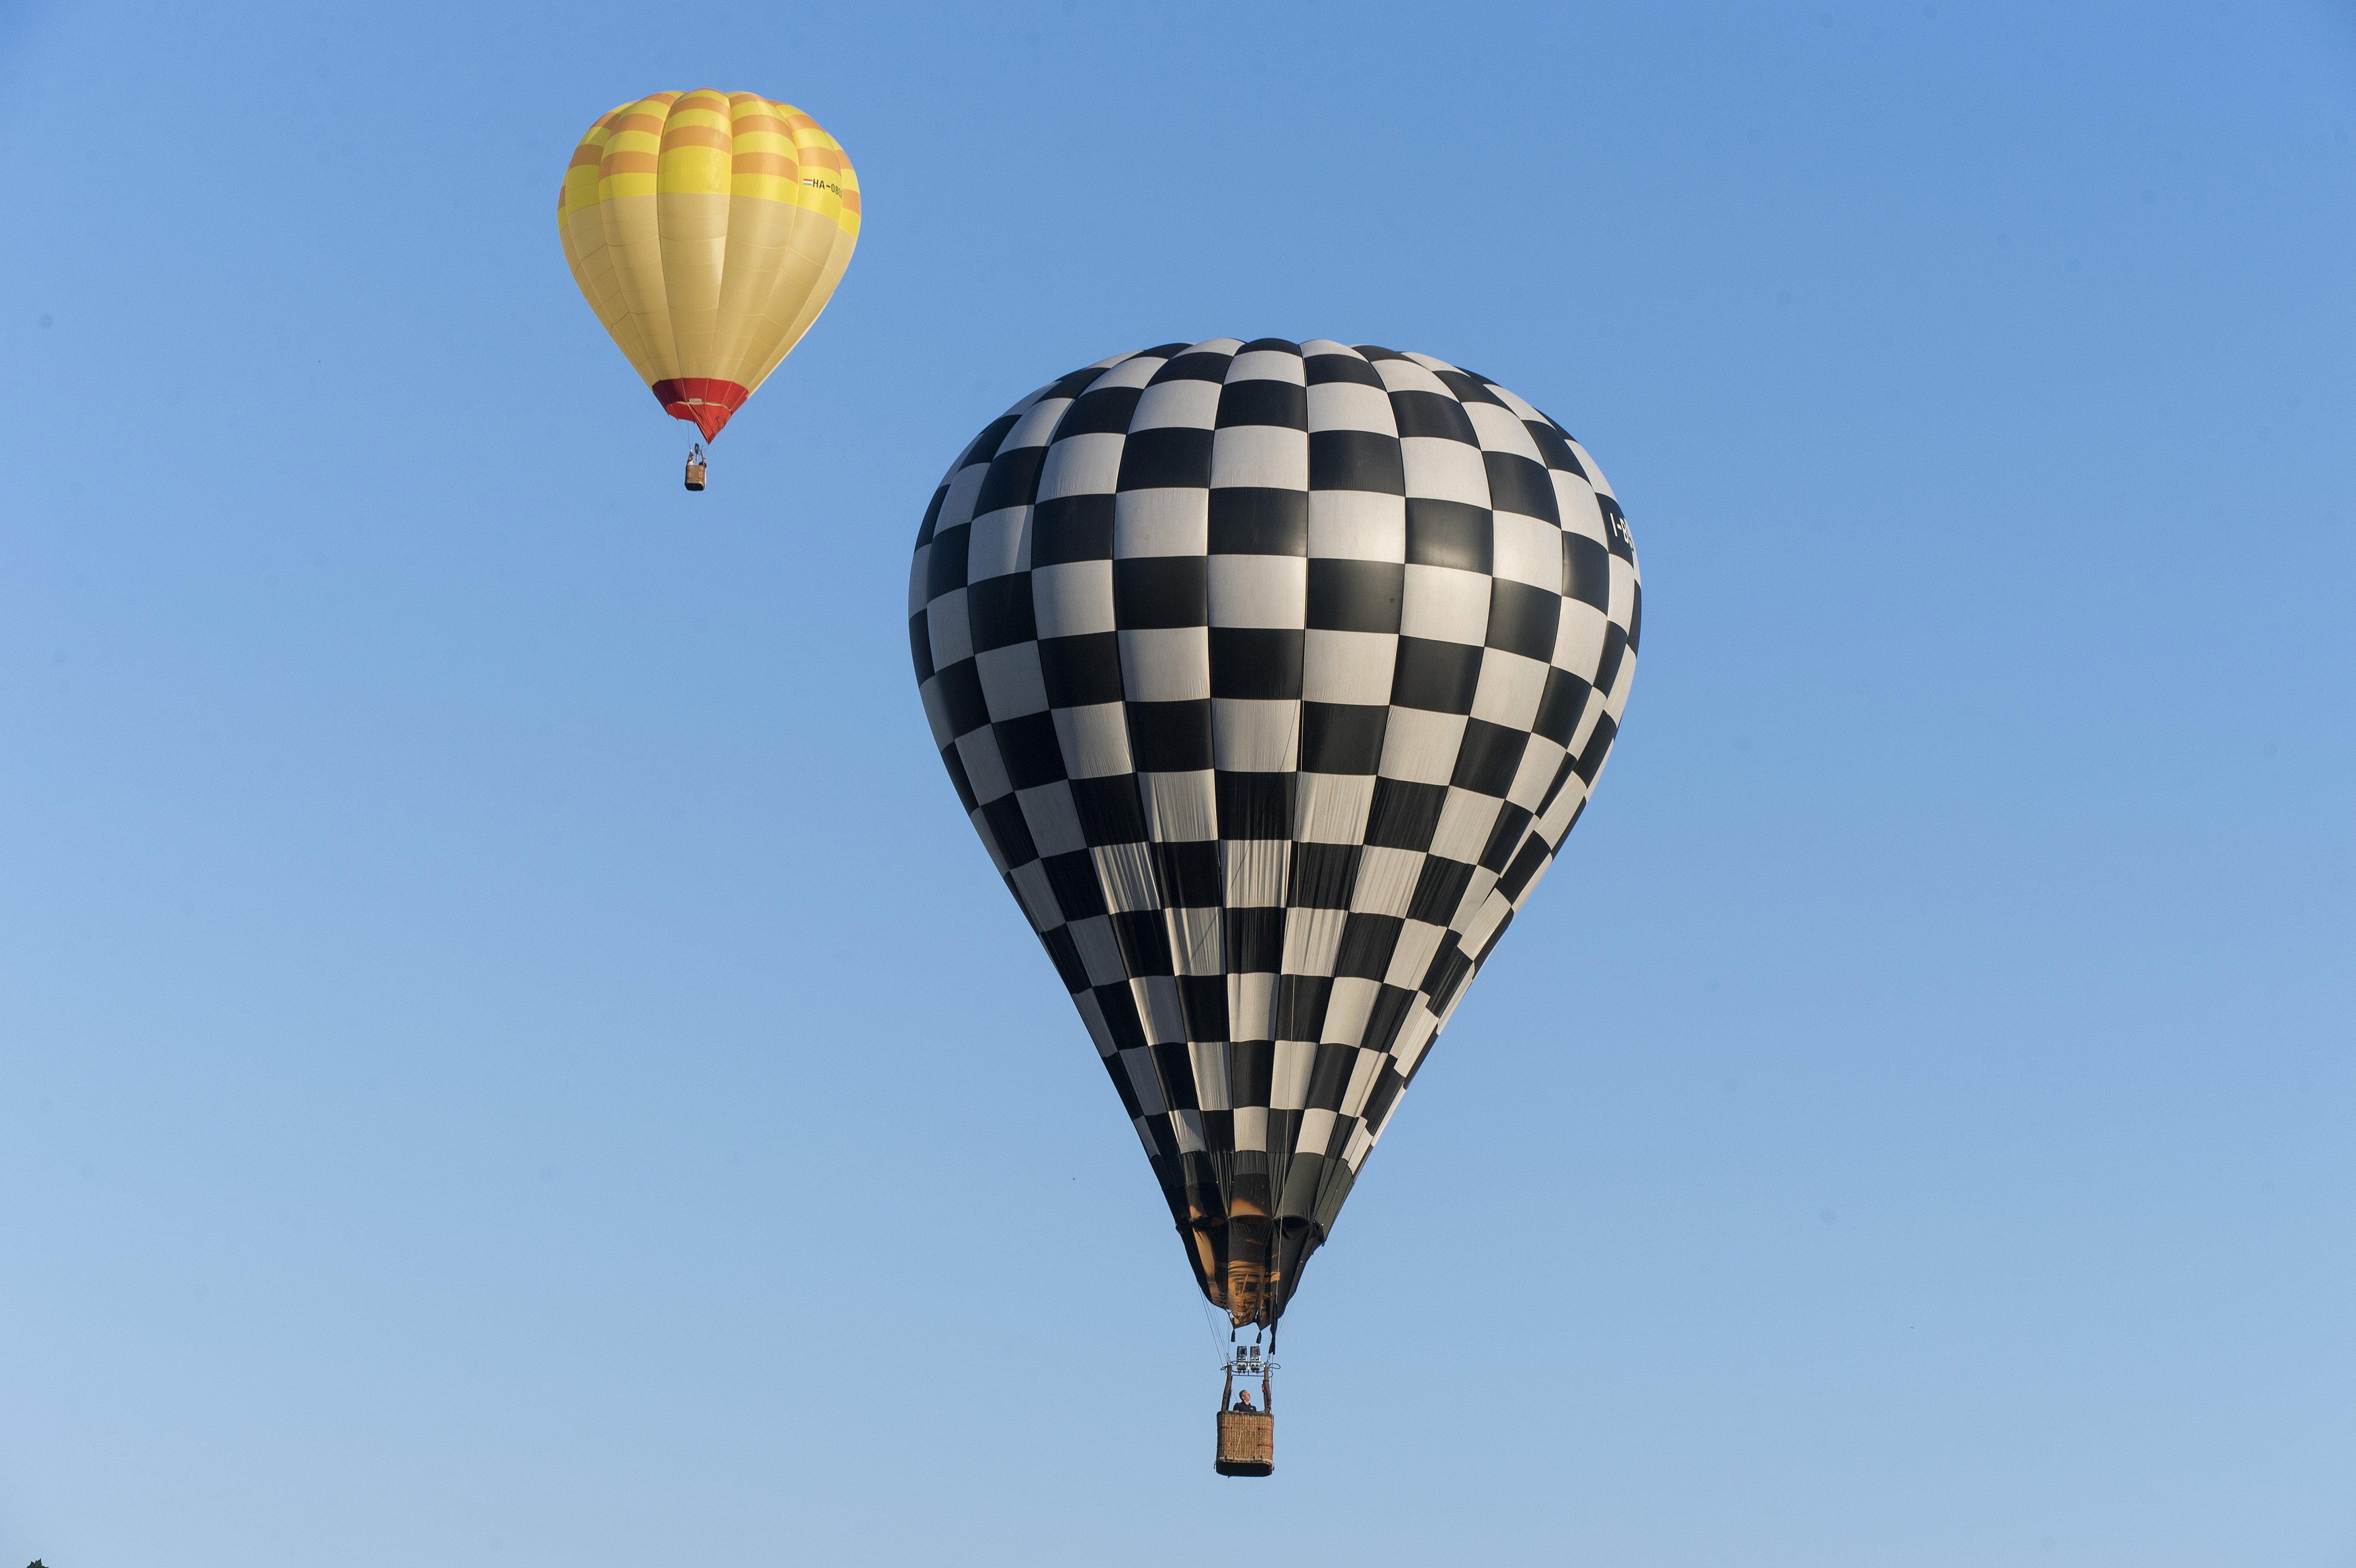 Egy mozgó autó tetejére zuhant a hőlégballonból egy férfi, azonnal meghalt